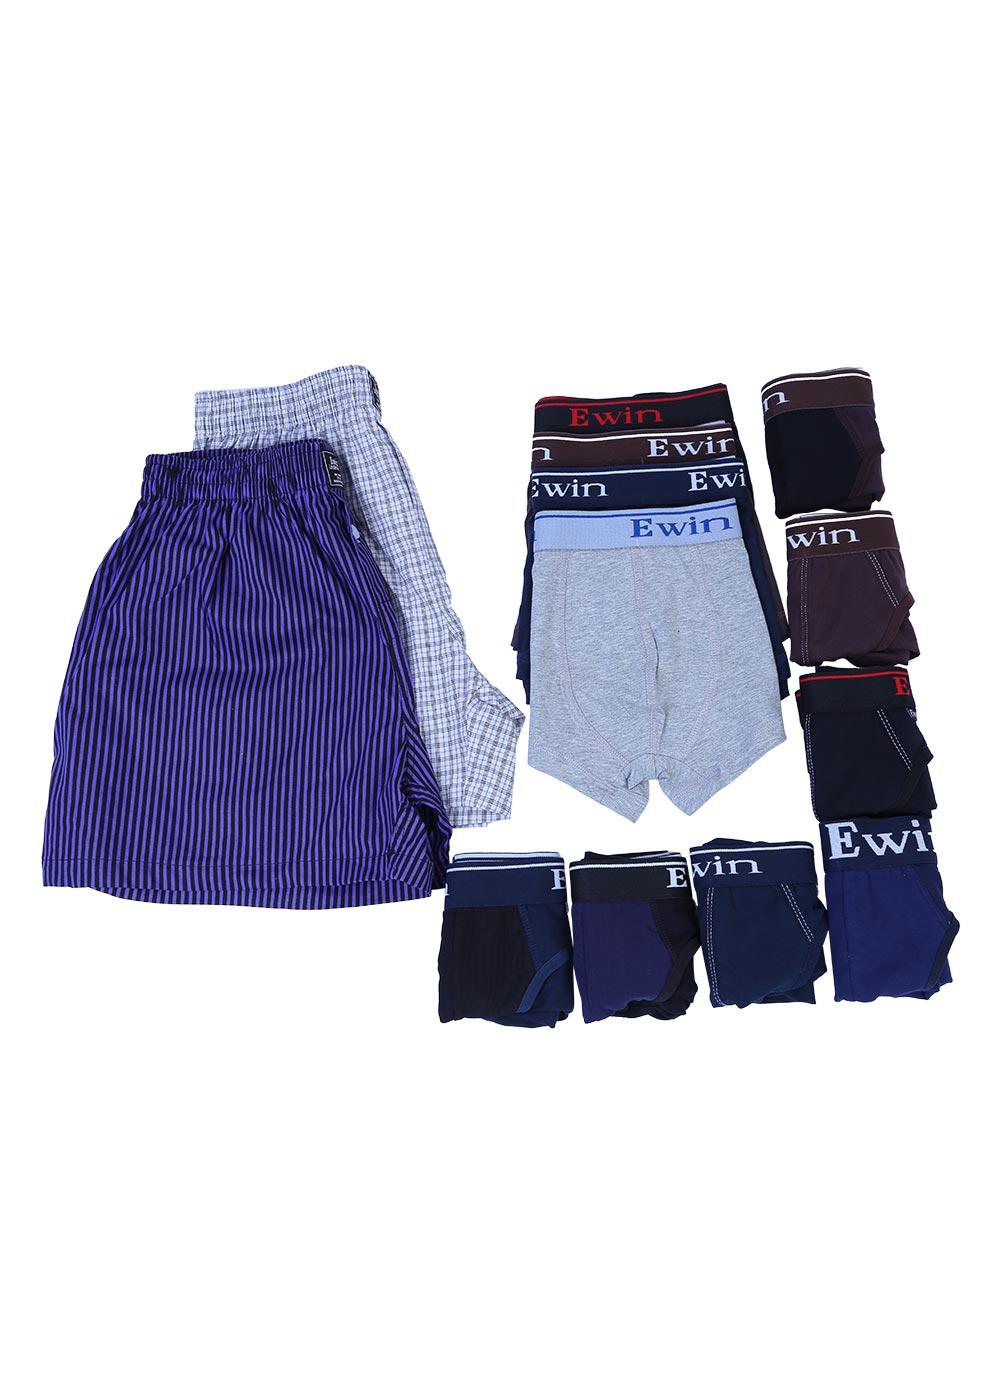 Combo Ewin EQ004: 6 Quần Lót Bikini + 4 Quần Boxer + 2 Quần Mặc Nhà Cho Nam - 9877023440363,62_3912277,844000,tiki.vn,Combo-Ewin-EQ004-6-Quan-Lot-Bikini-4-Quan-Boxer-2-Quan-Mac-Nha-Cho-Nam-62_3912277,Combo Ewin EQ004: 6 Quần Lót Bikini + 4 Quần Boxer + 2 Quần Mặc Nhà Cho Nam